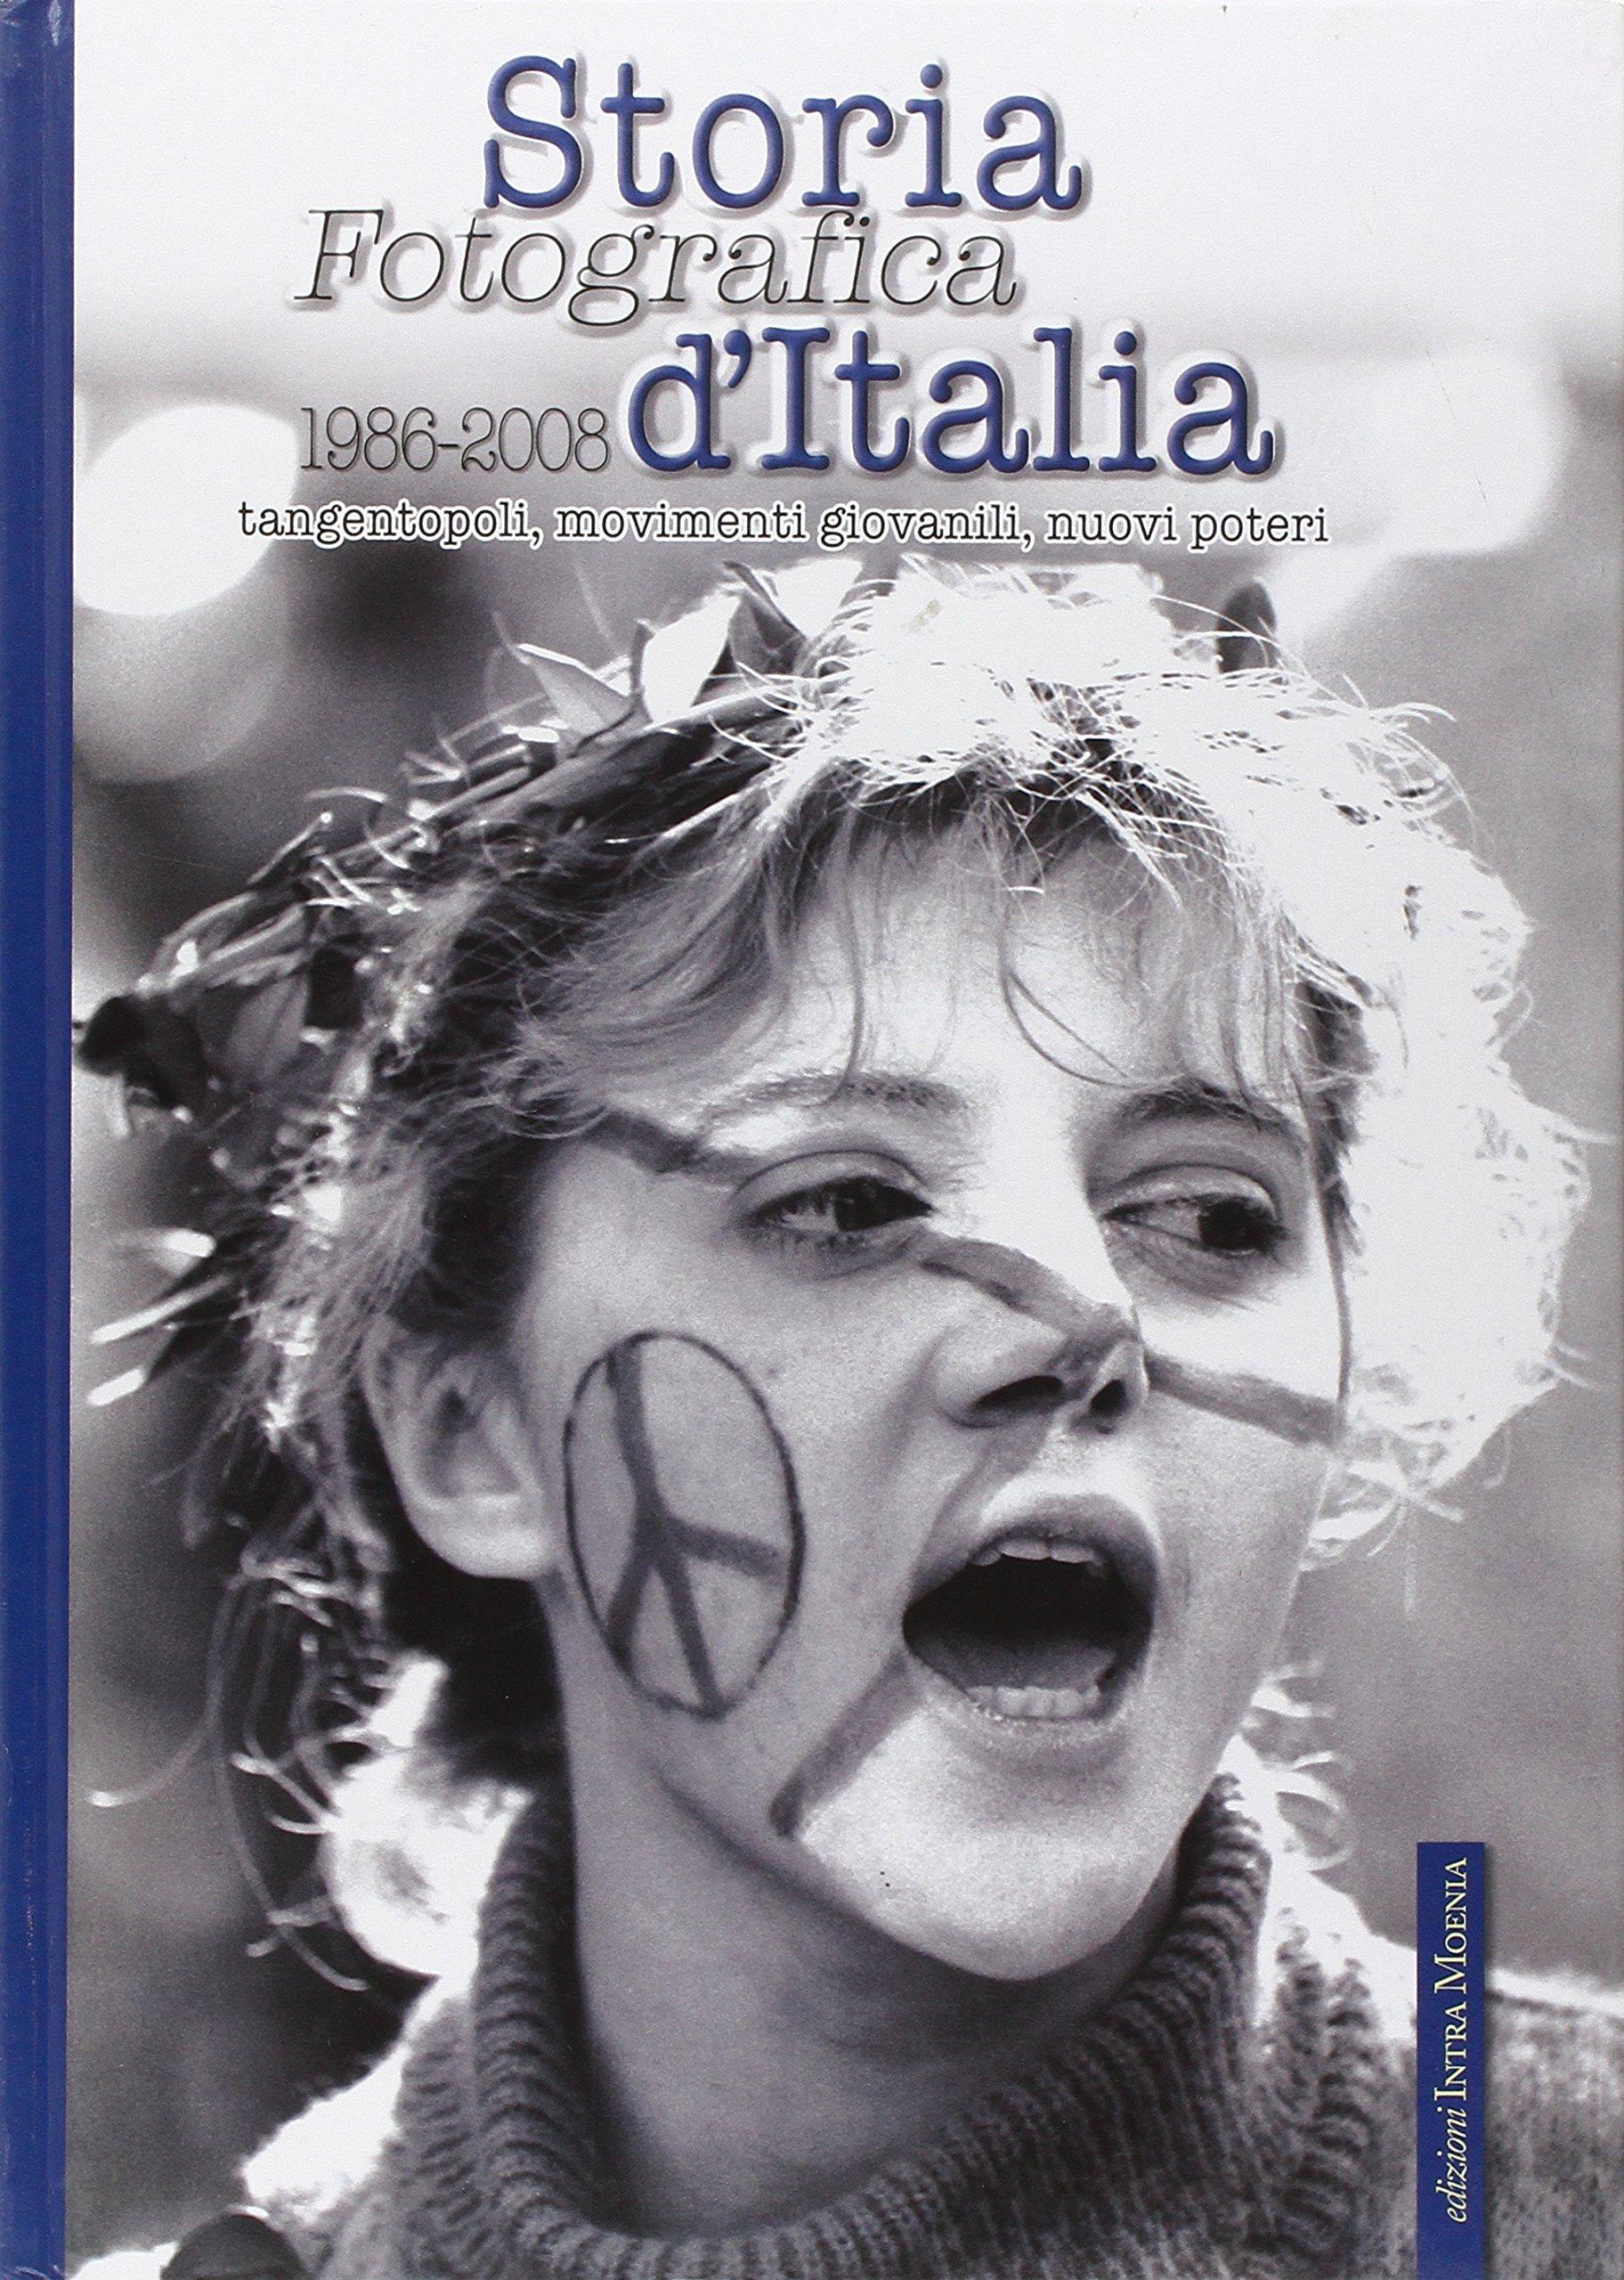 Download Storia fotografica d'Italia (1986-2008). Tangentopoli, movimenti giovanili, nuovi poteri vol. 5 PDF ePub book